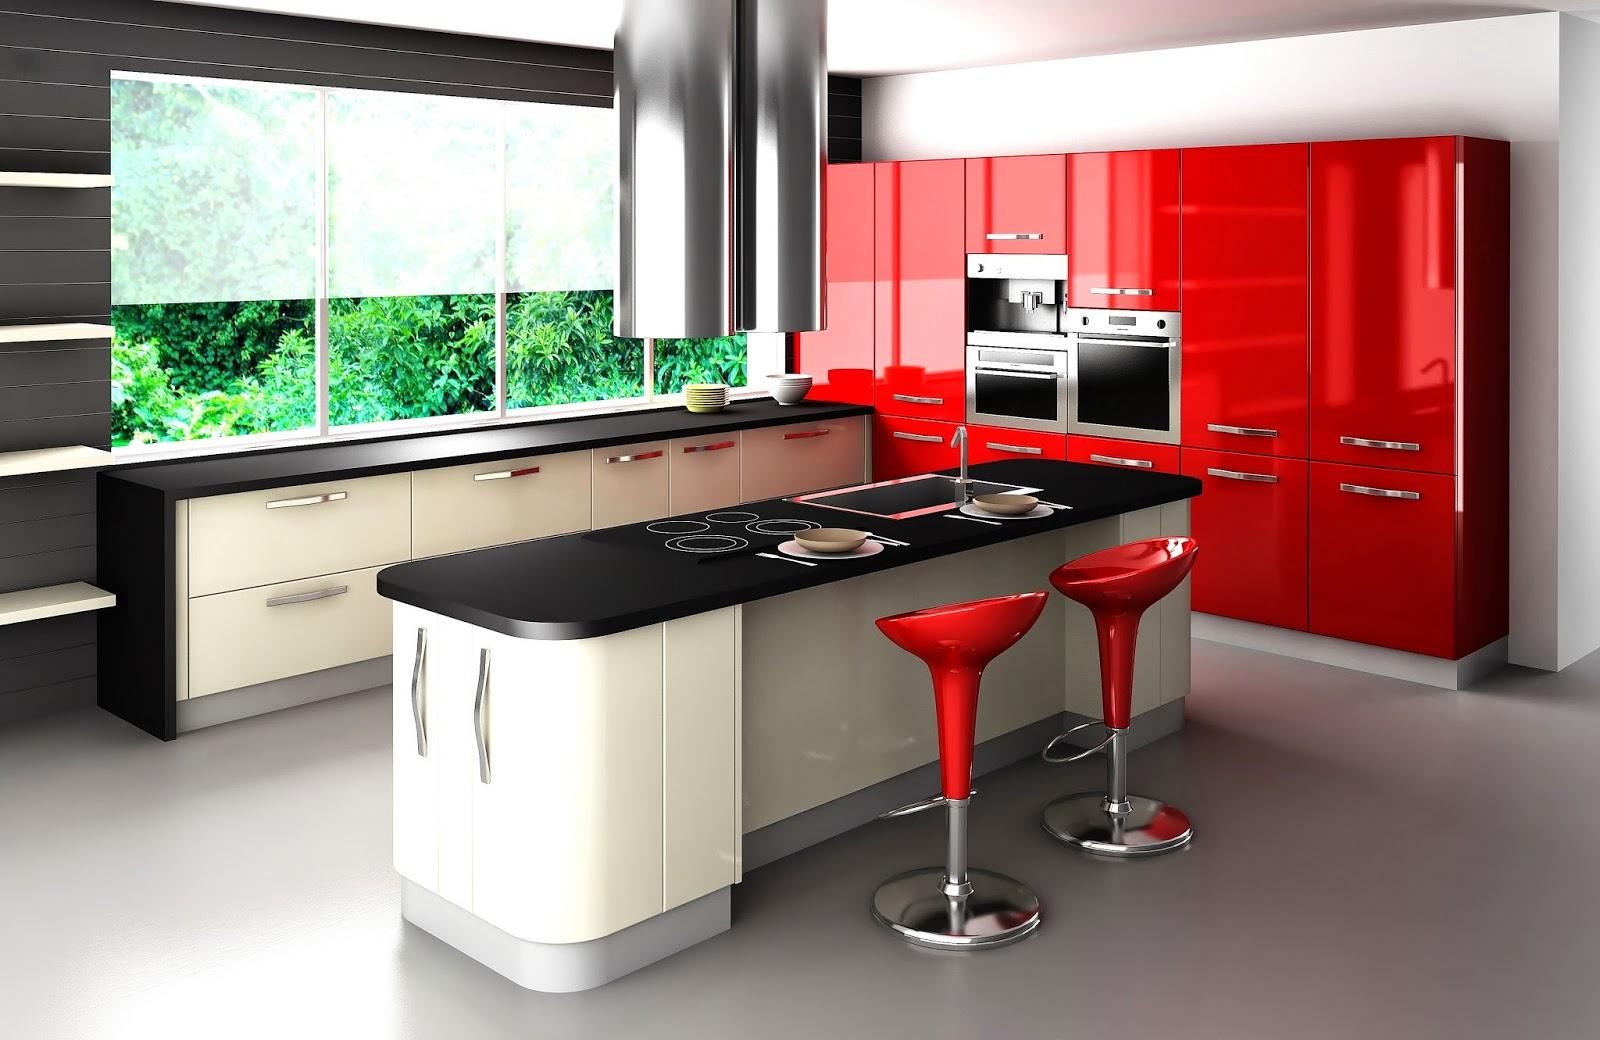 Красный гарнитур и стулья на кухне